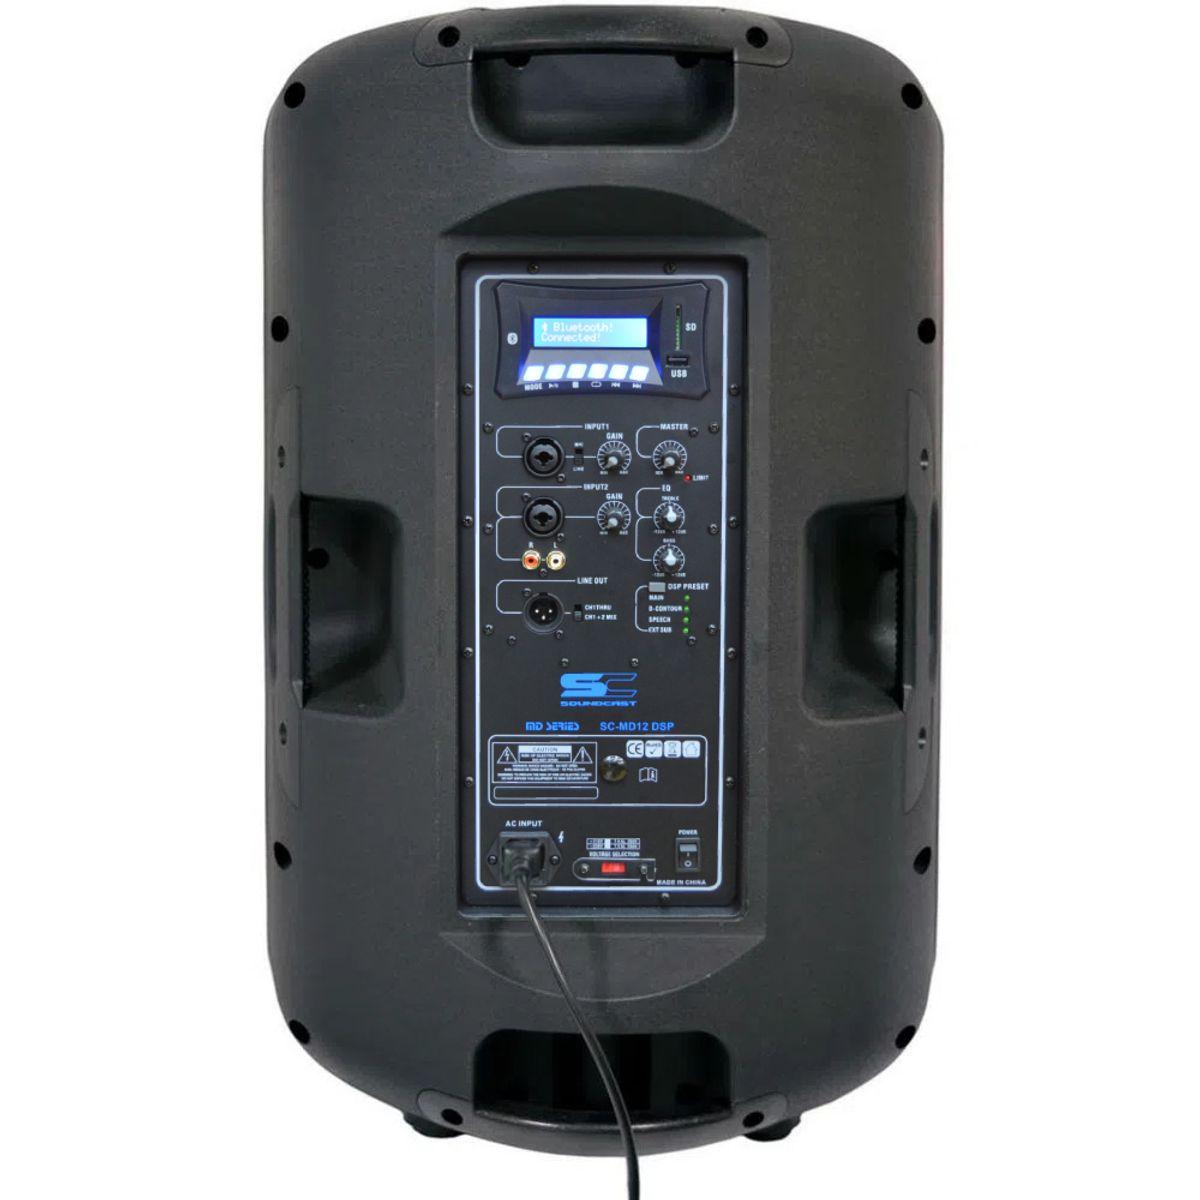 Caixa-Ativa-12-1000W-USB-SD-E-BT-MD-12-DSP-Soundcast---